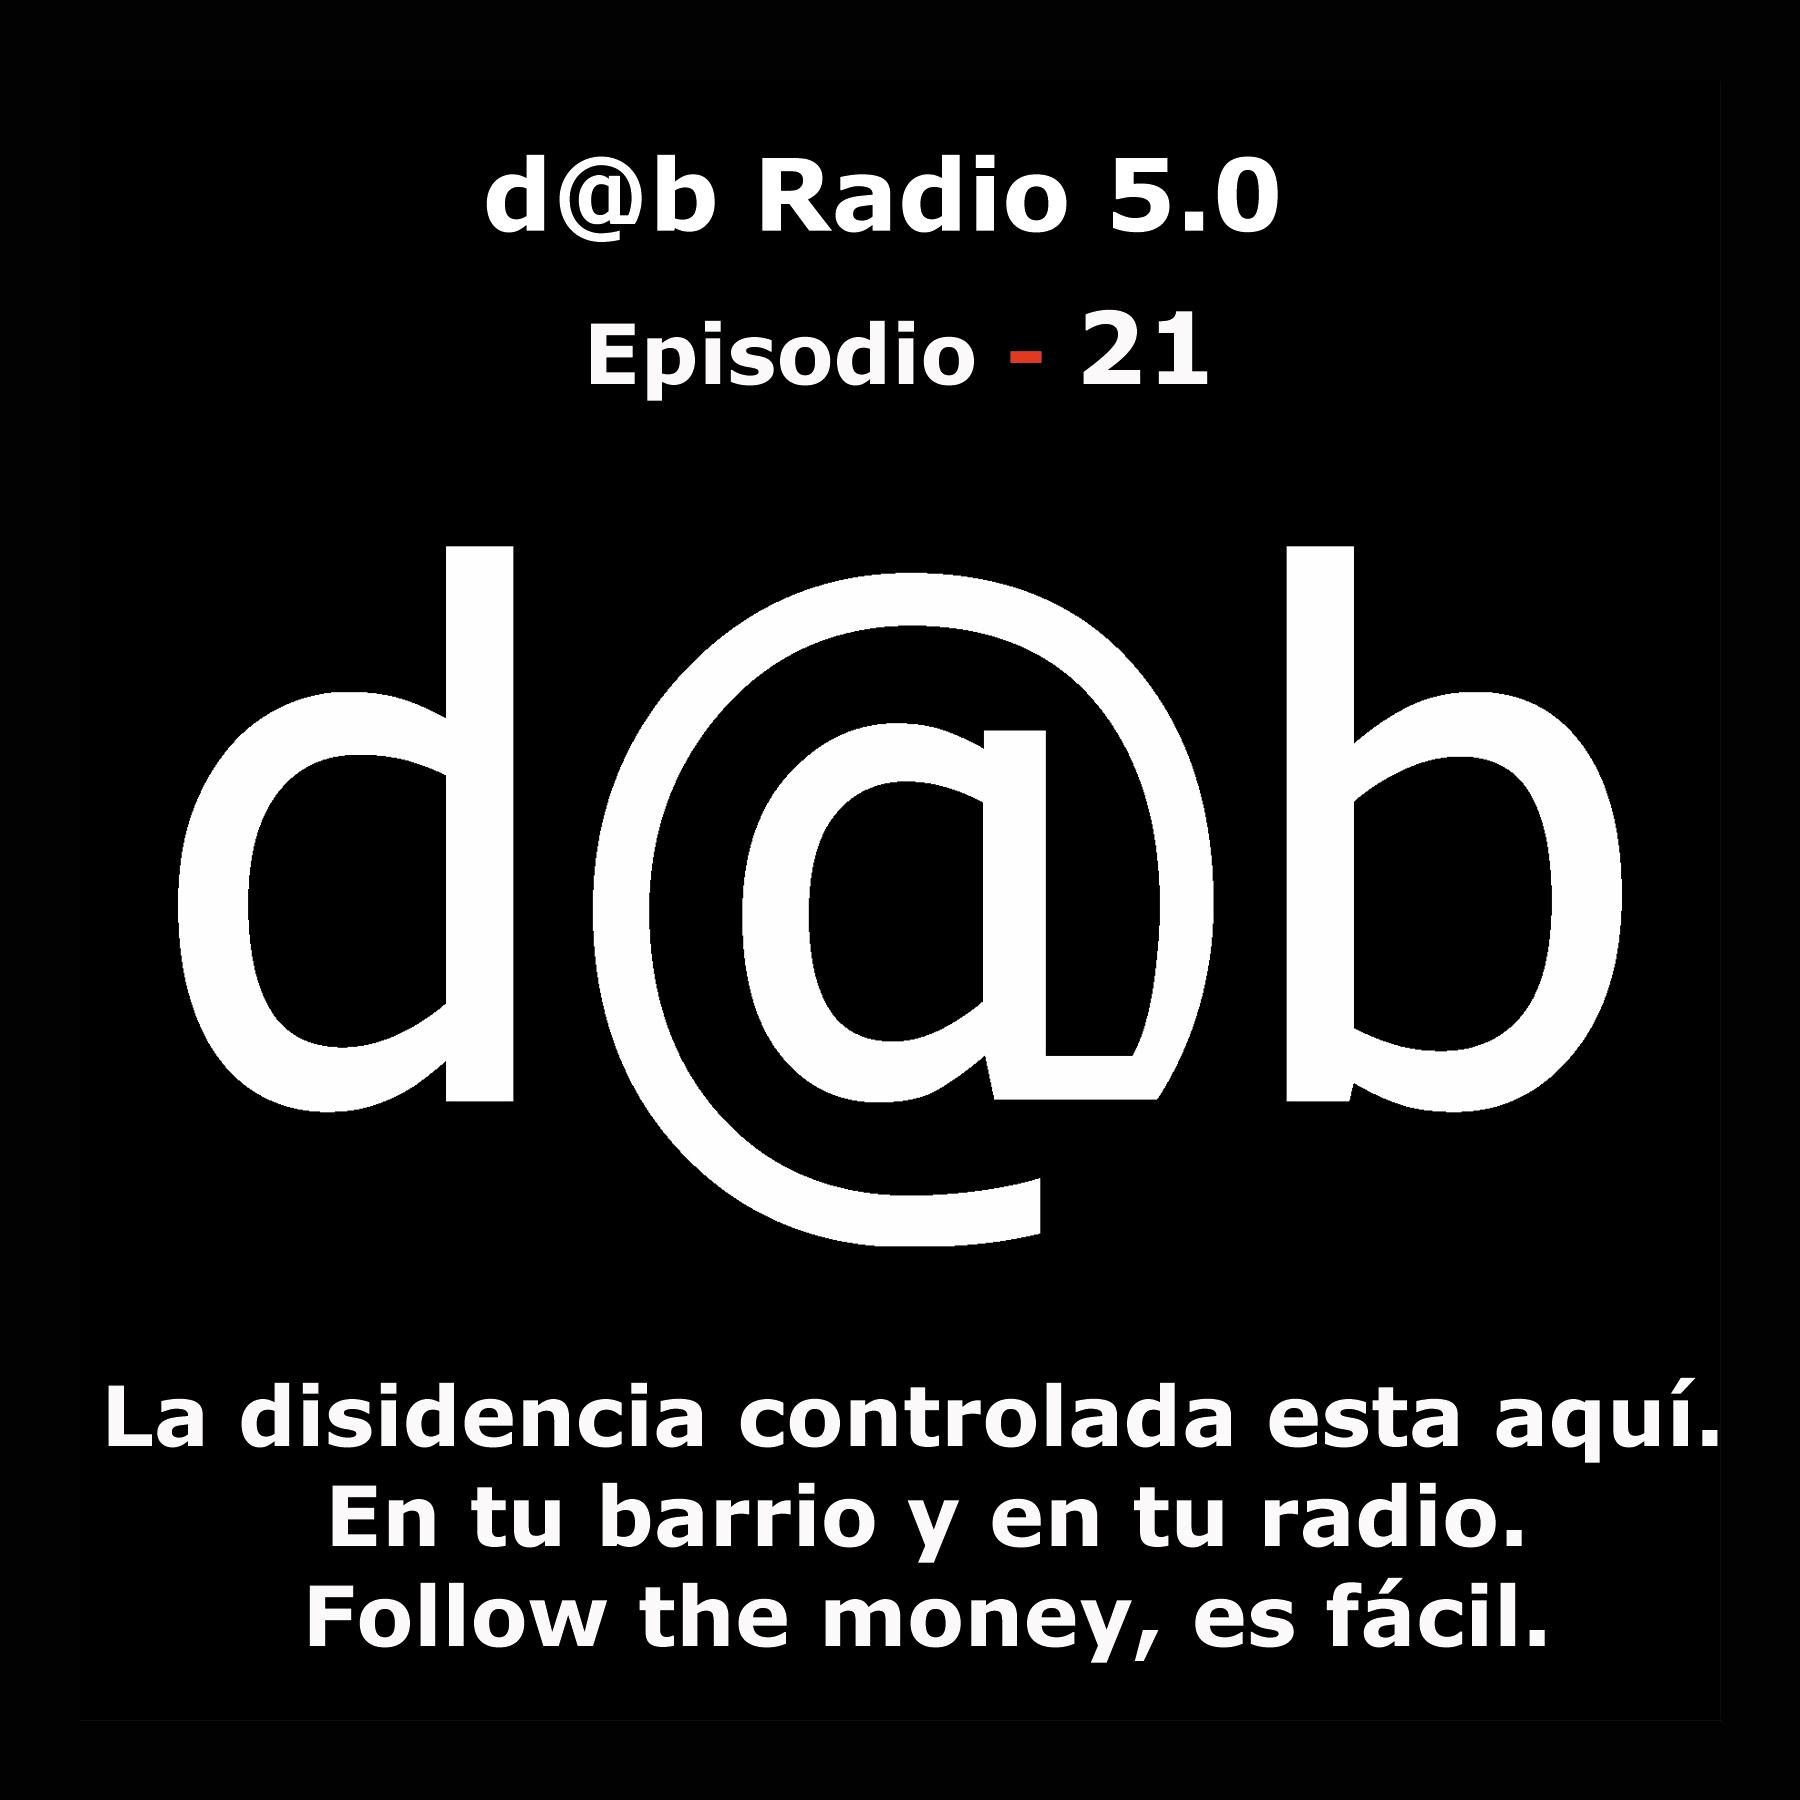 Desmontando a Babylon: d@b  radio  5.0  Episodio  21  –  La  Disidencia  controlada  está  aquí,  en  tu  barrio  y  en  tu  radio